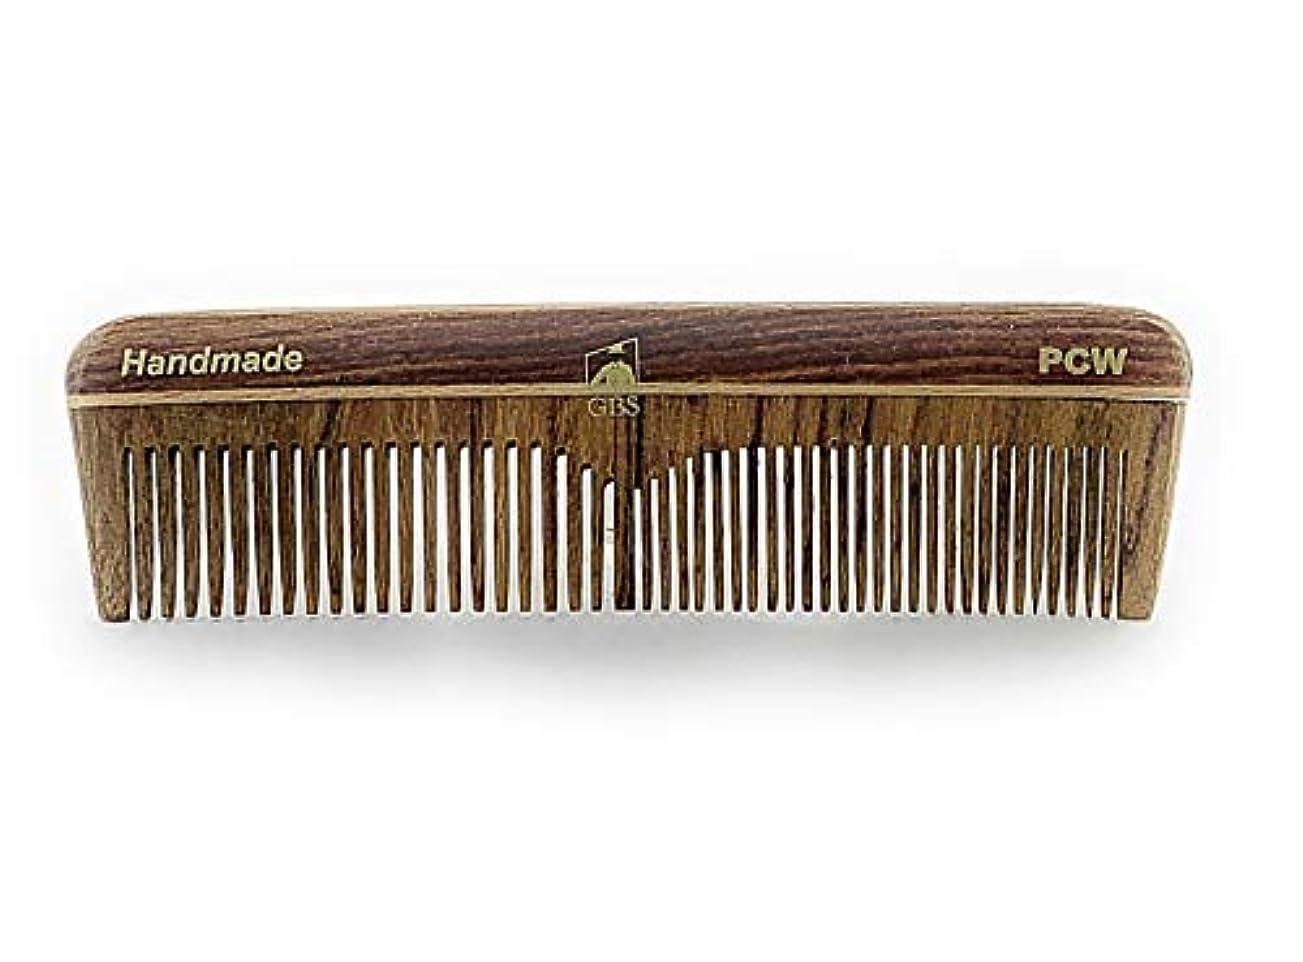 語オペラテレビ局GBS Natural Wood Handmade Pocket Beard and Hair Comb - Comb 5